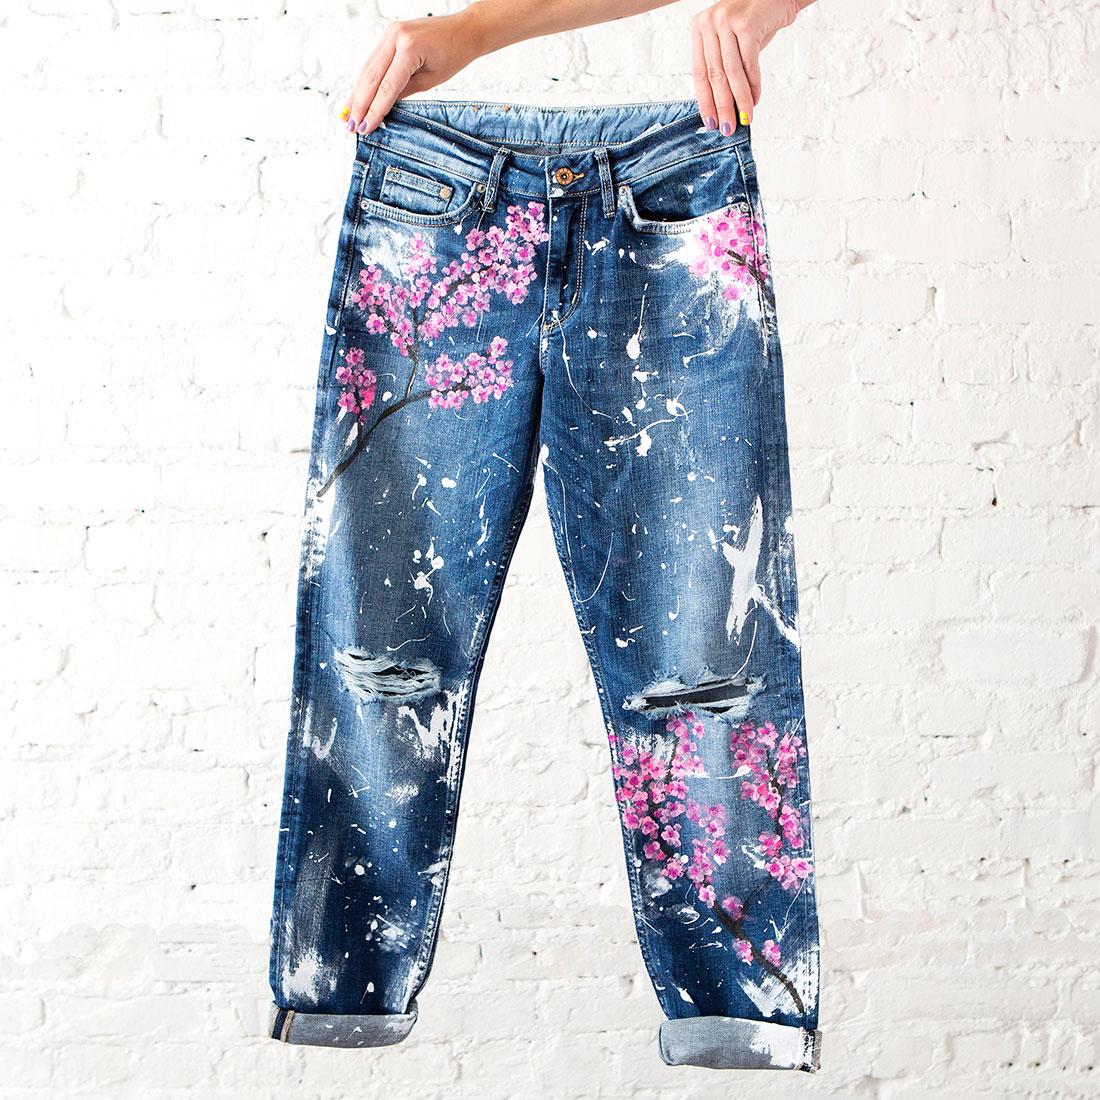 как дизайн джинс картинки первый тематический крытый